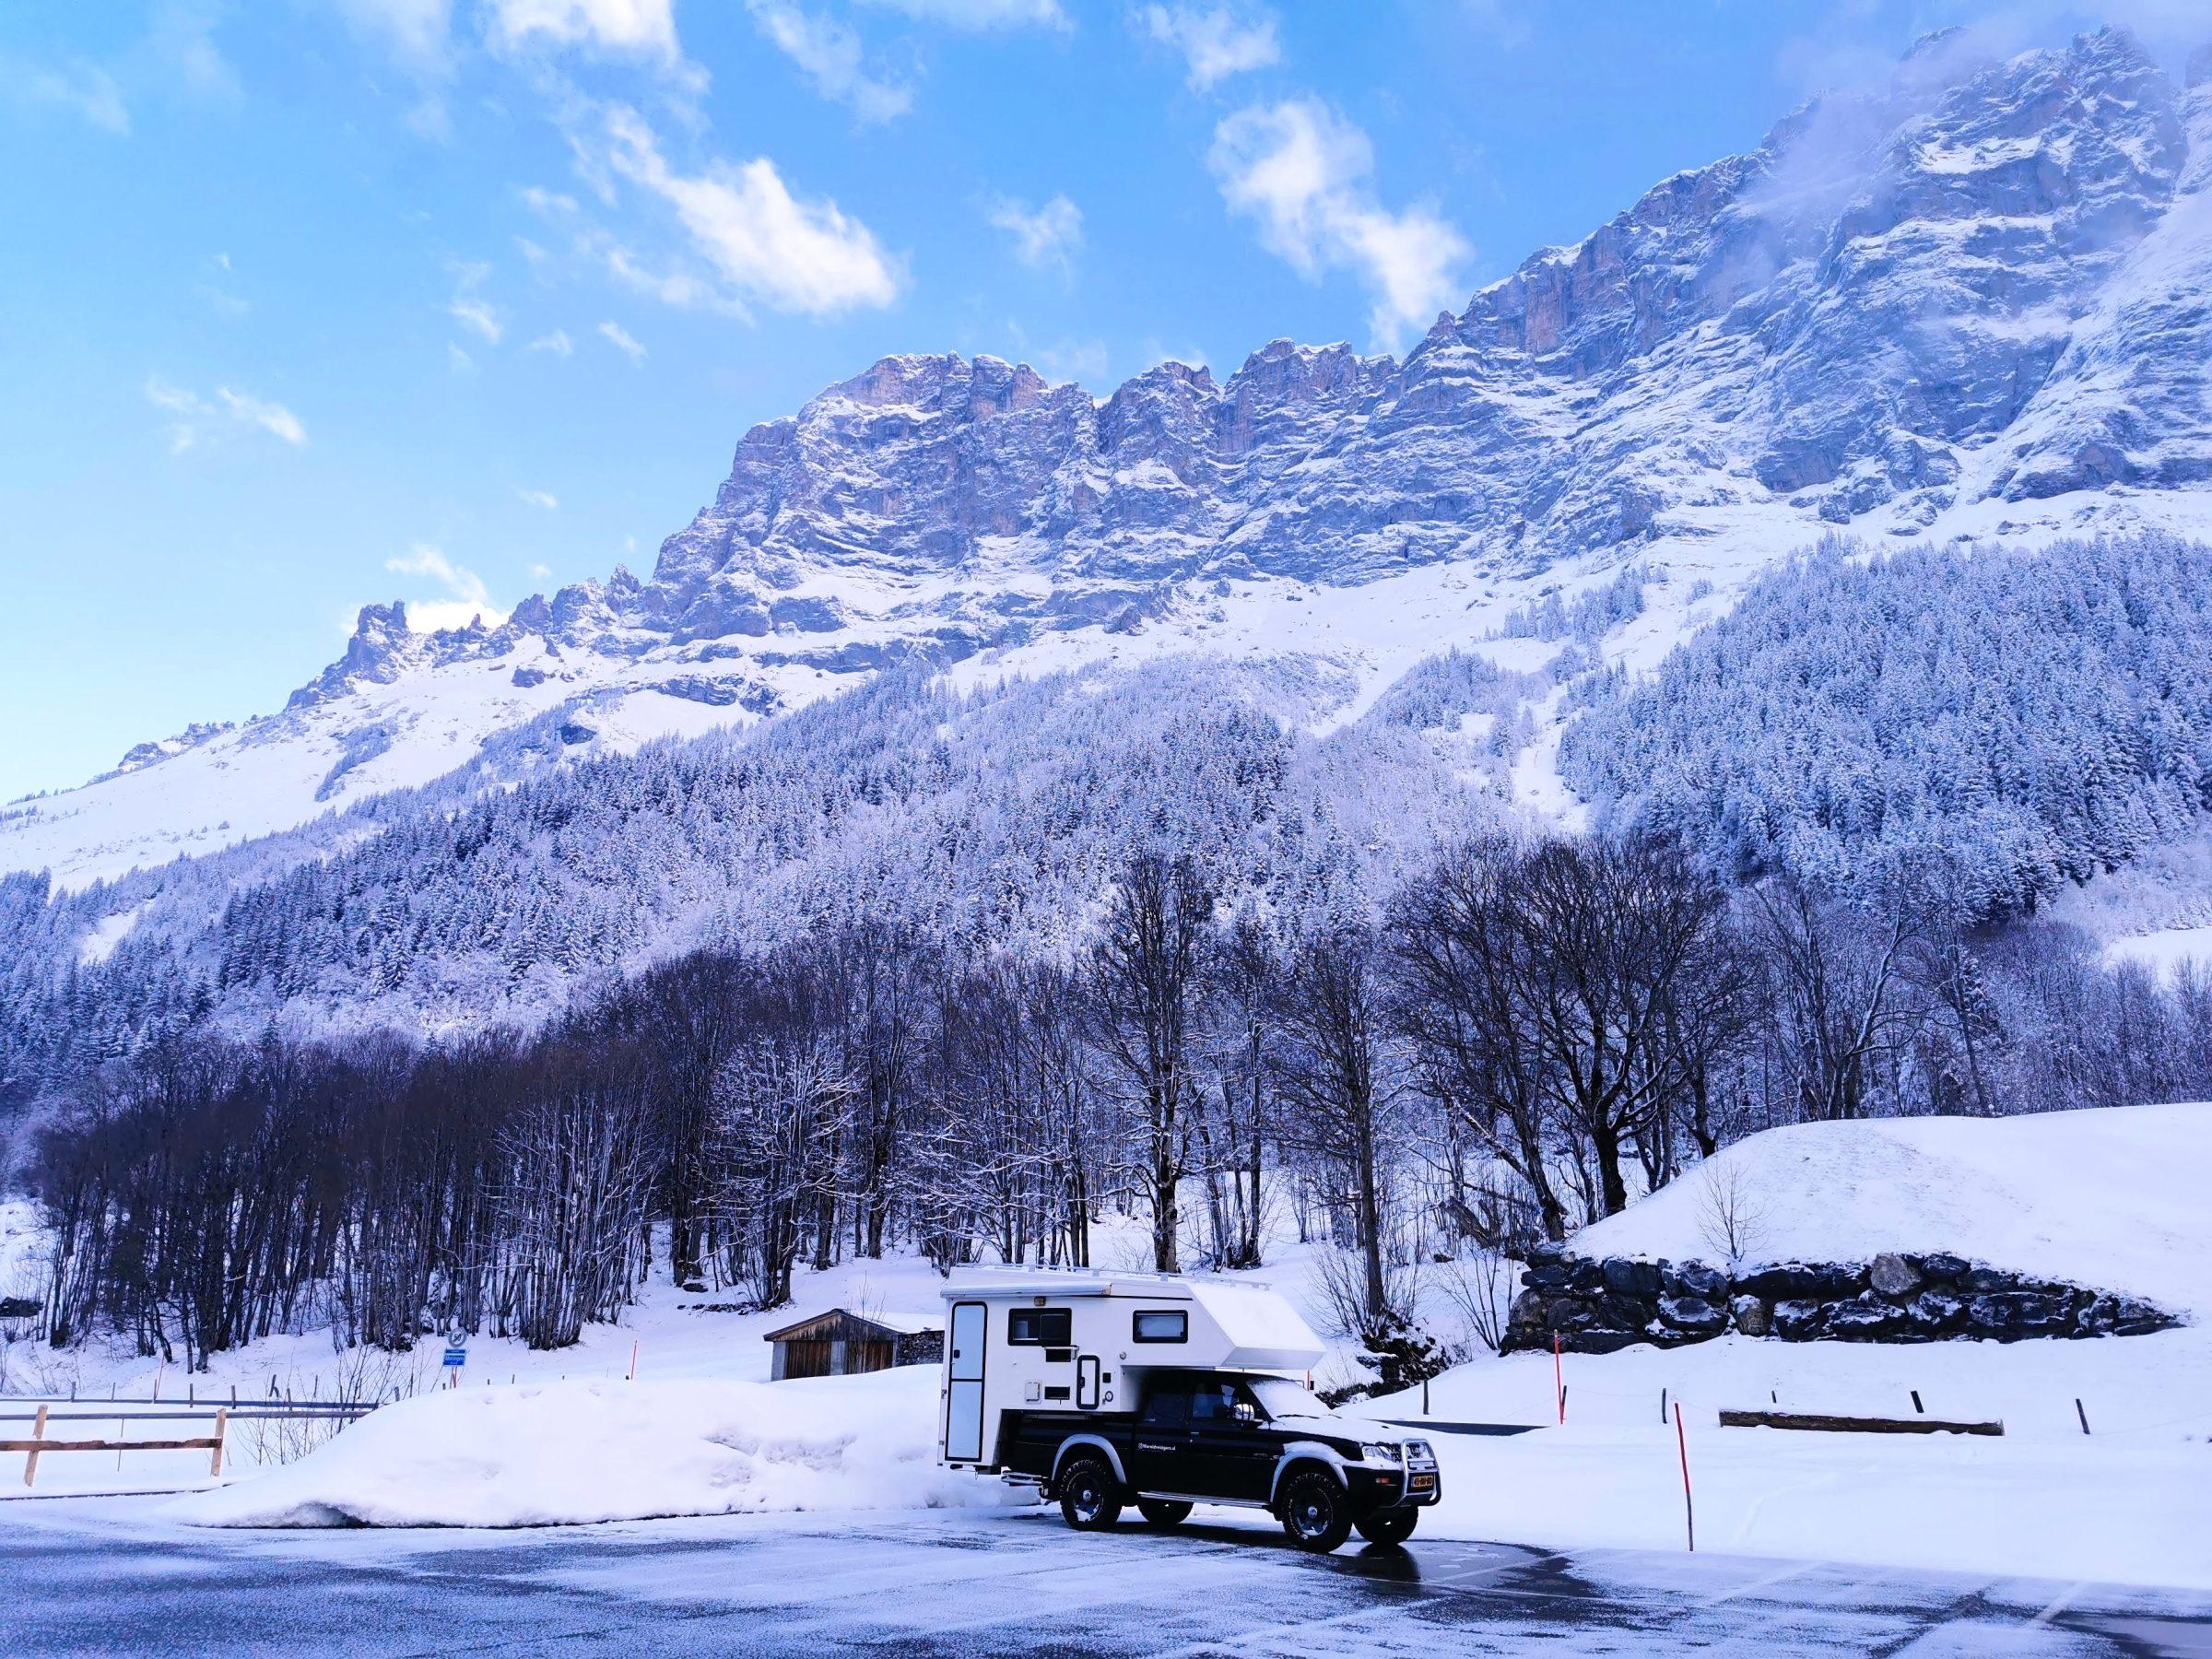 Sneeuwkettingen kunnen tijdens je roadtrip door Zwitserland altijd van pas komen